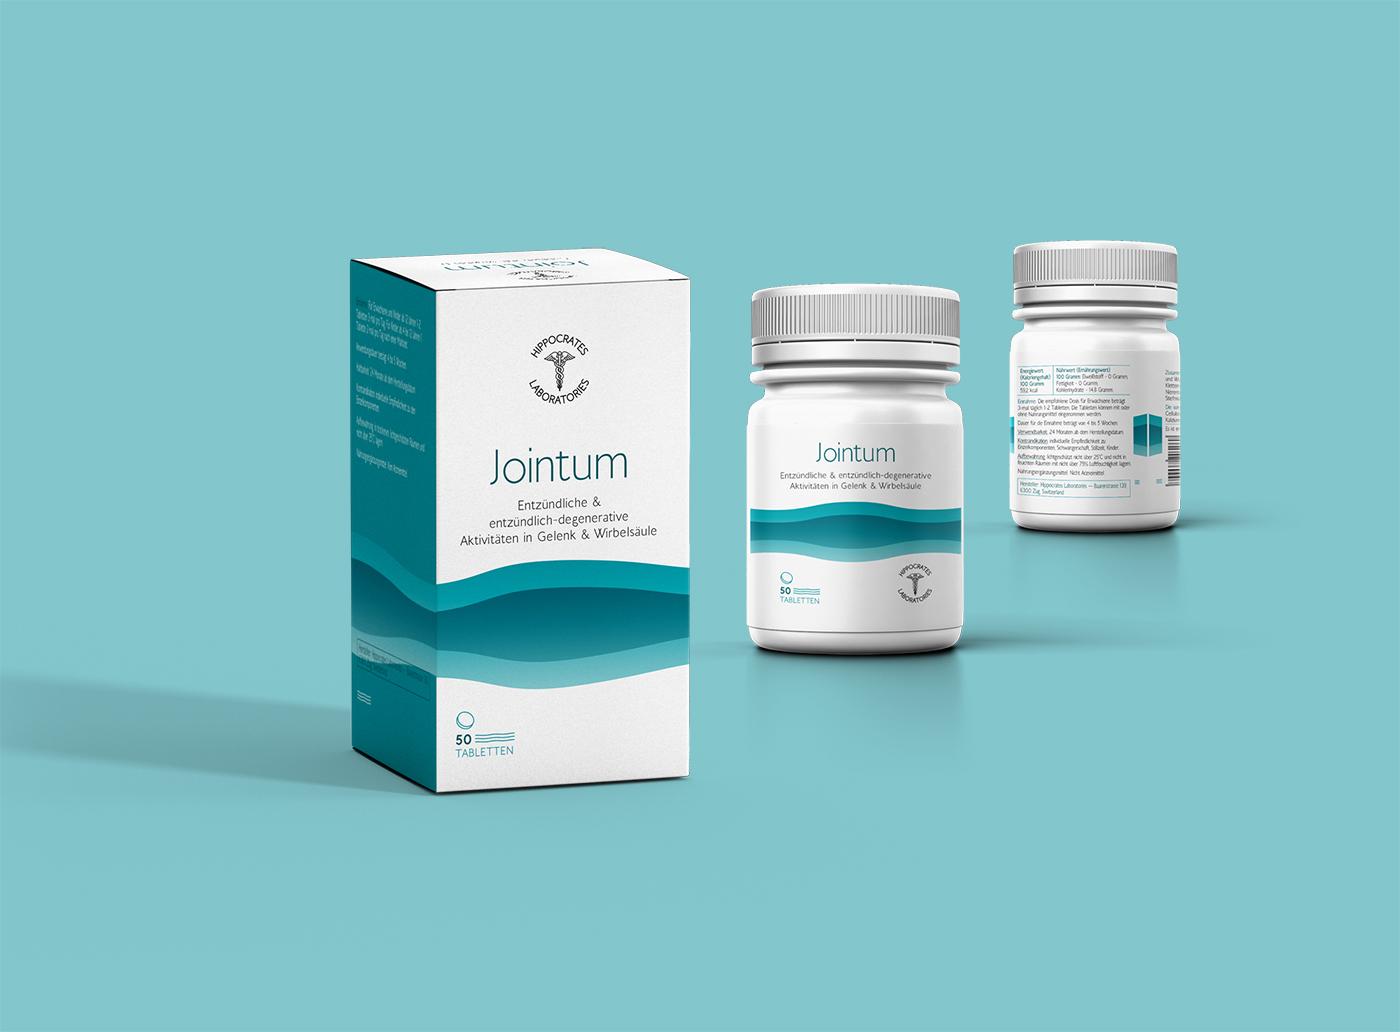 jontium_tabletten_box_label_1400px